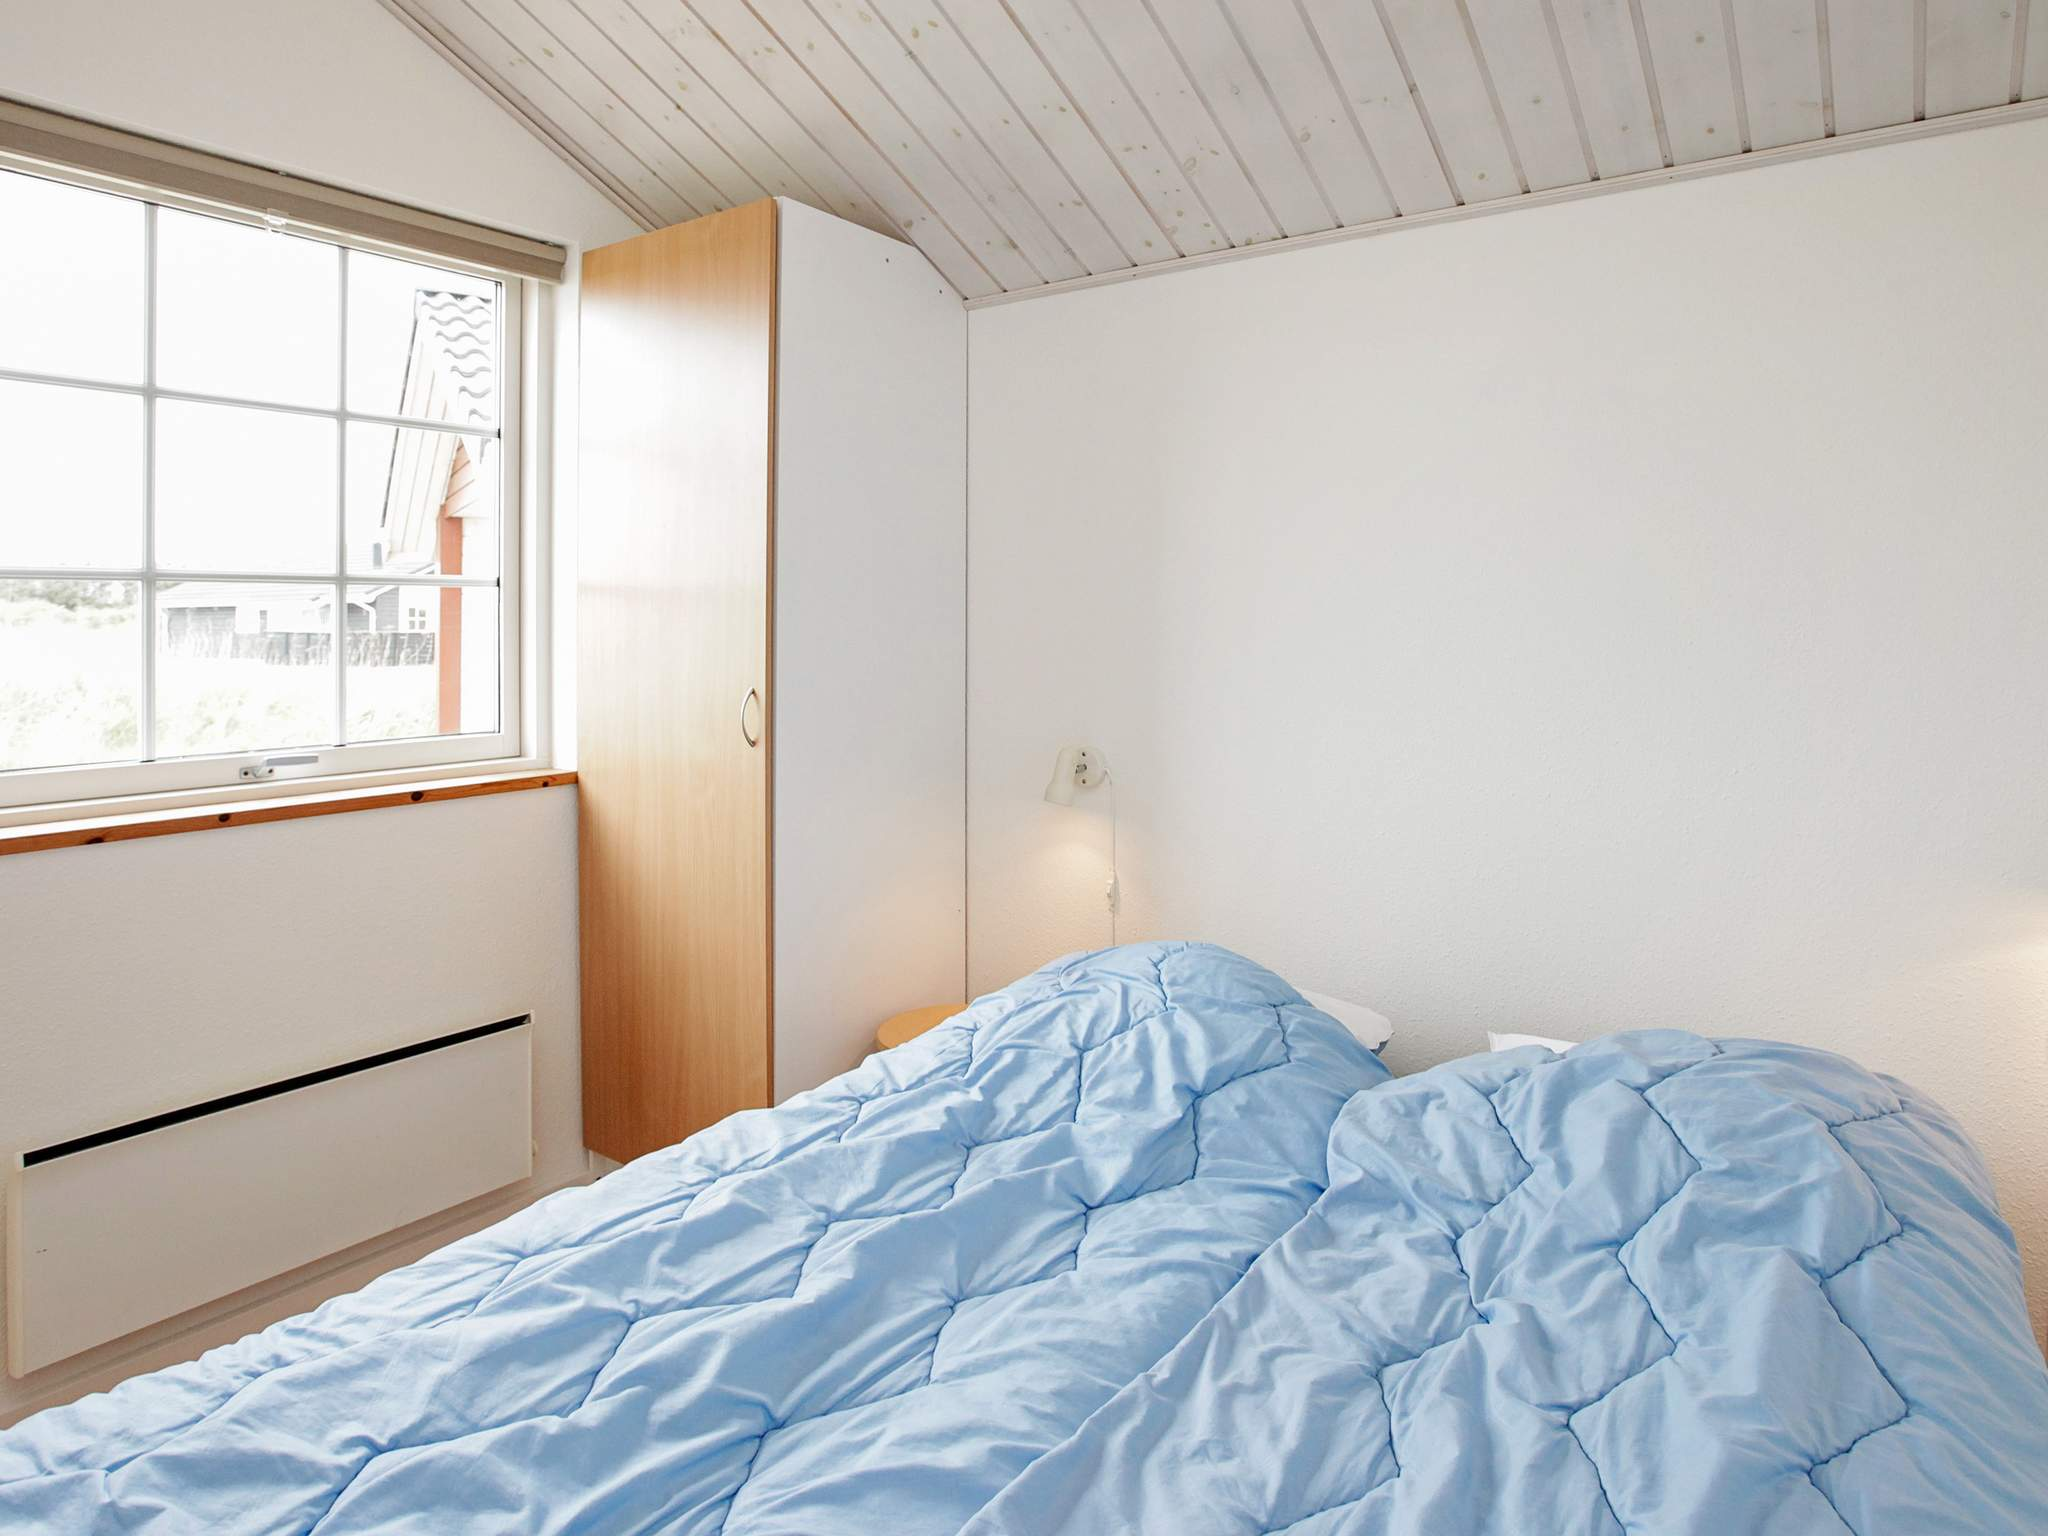 Ferienhaus Løkken (84081), Løkken, , Nordwestjütland, Dänemark, Bild 10